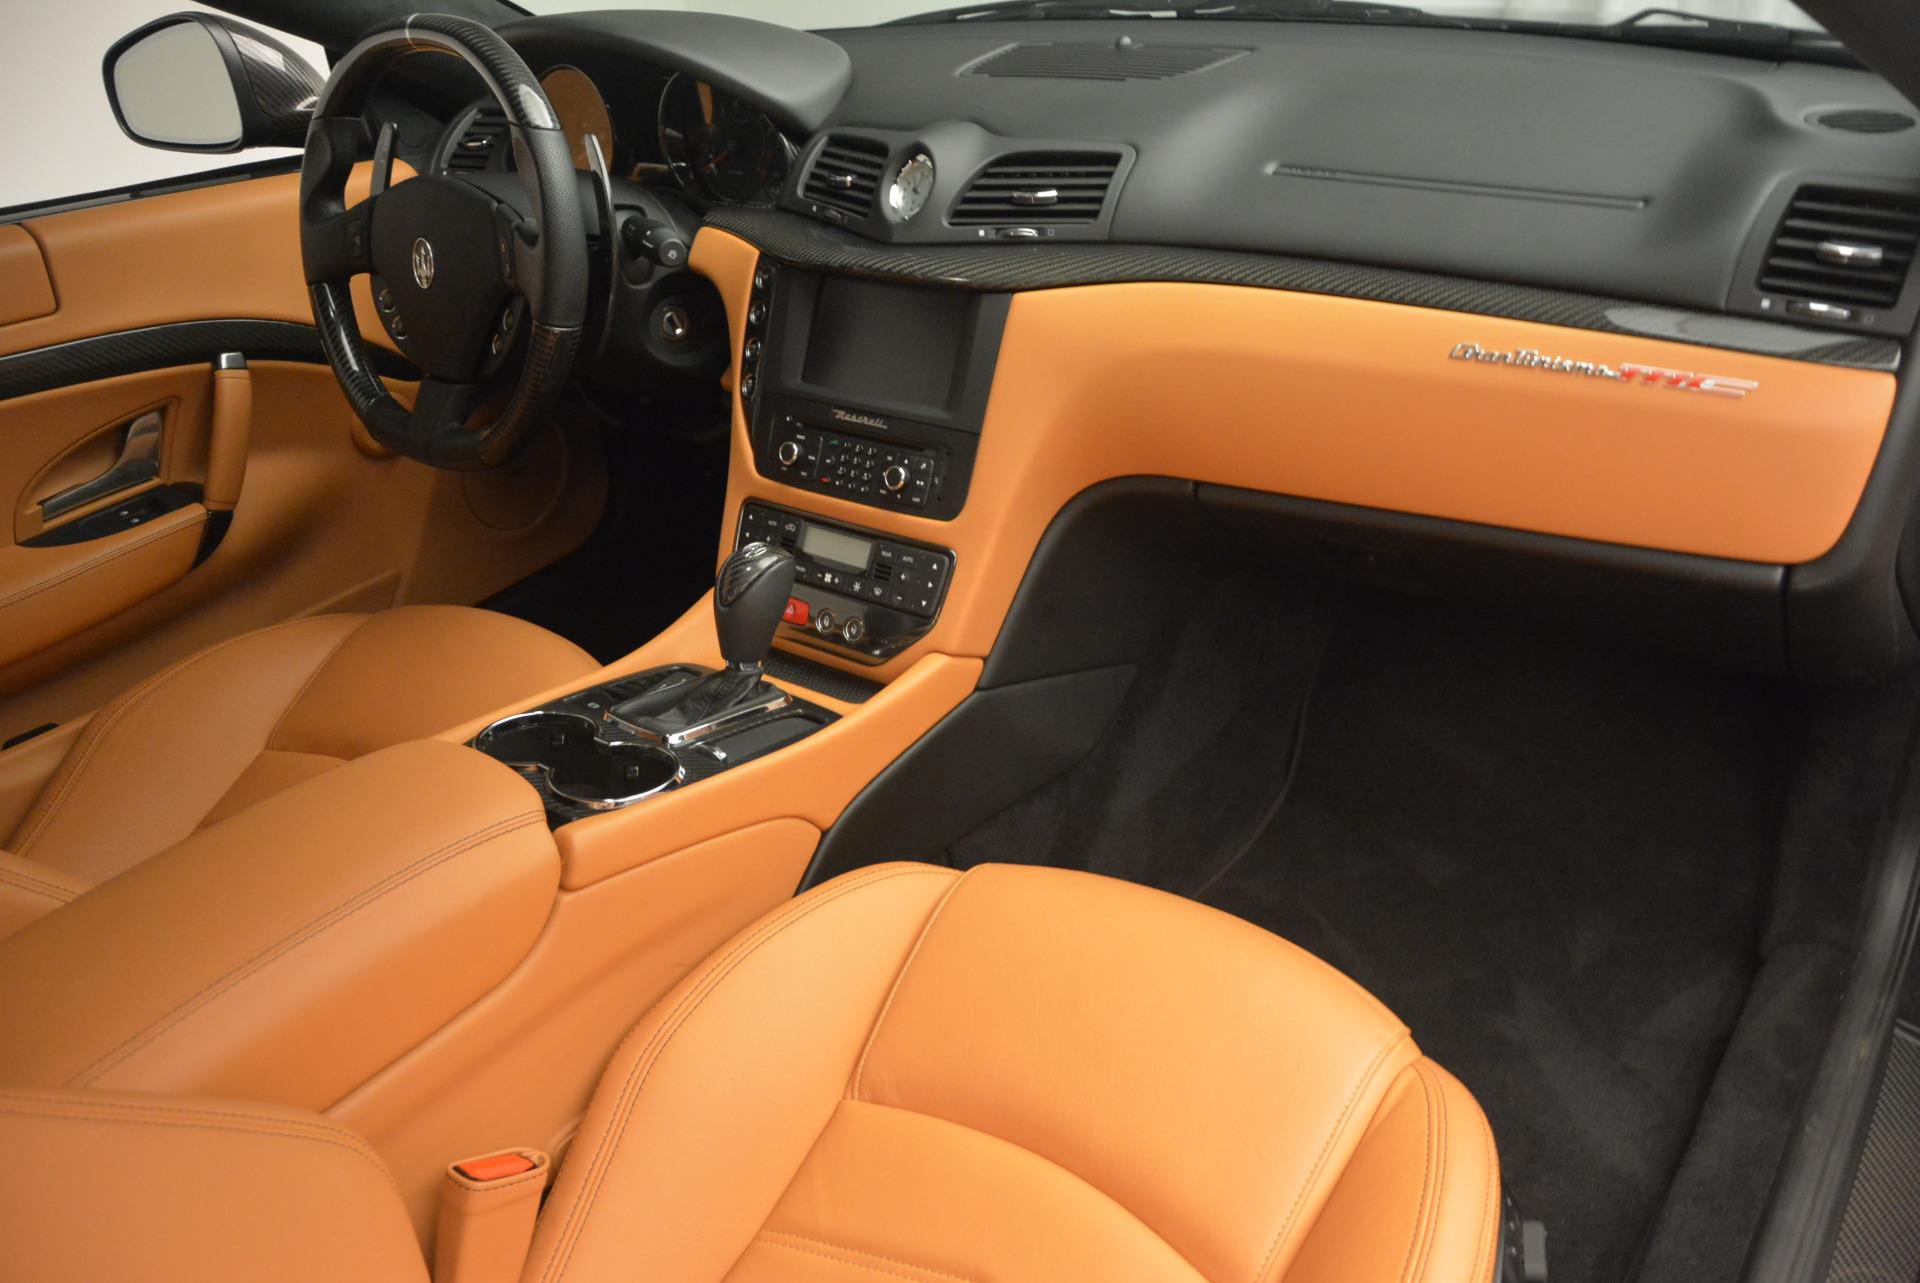 Used 2013 Maserati GranTurismo MC For Sale In Greenwich, CT 773_p18